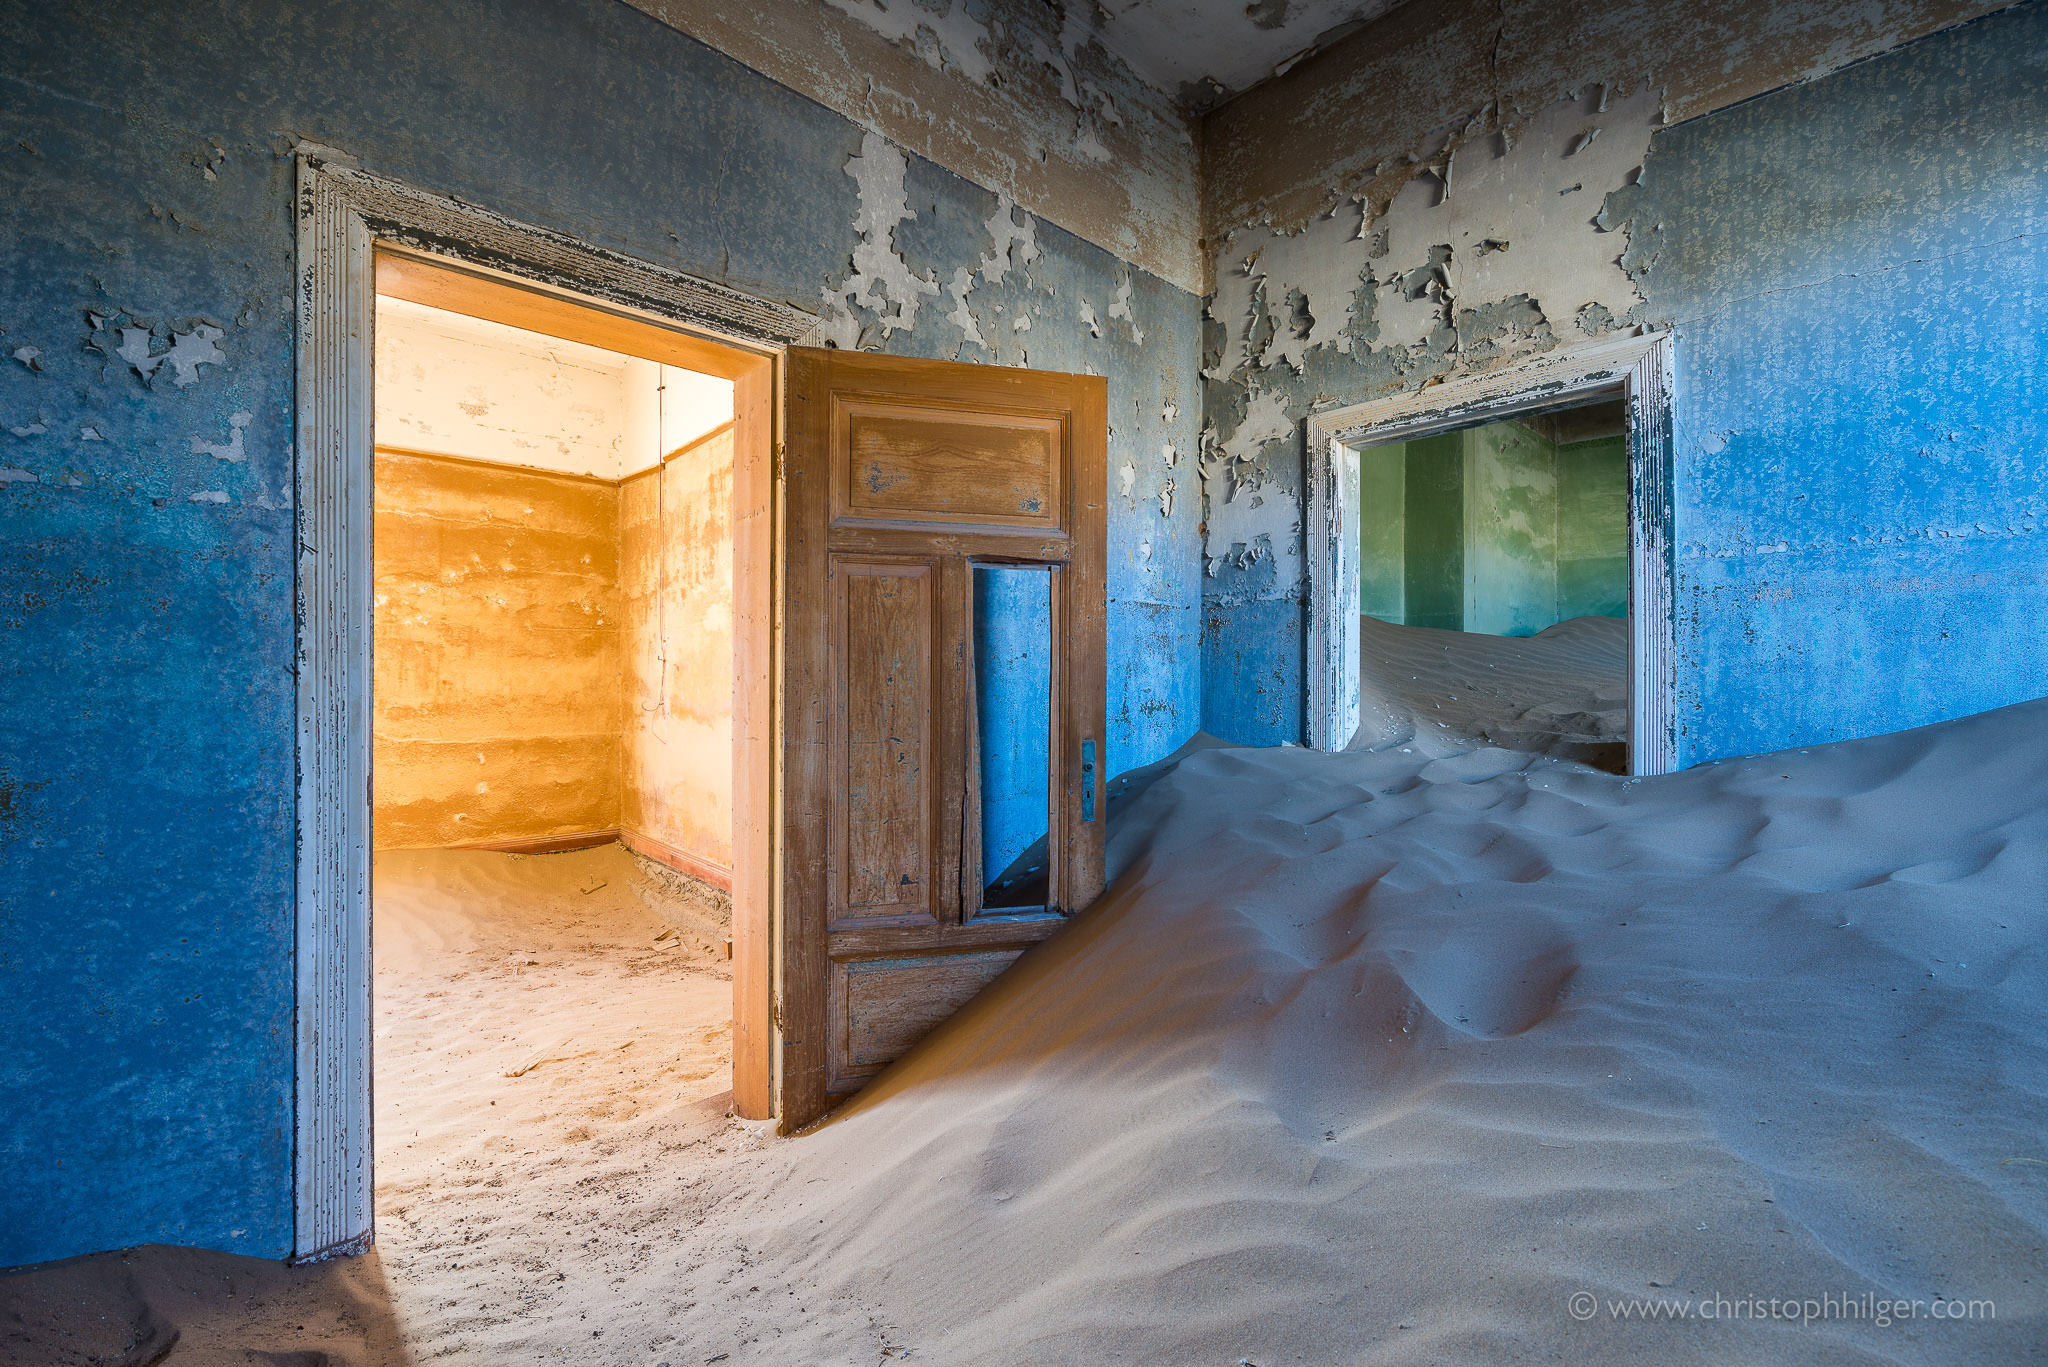 Bunte Räume und Sand in verlassenem Haus in Kolmanskop, Namibia